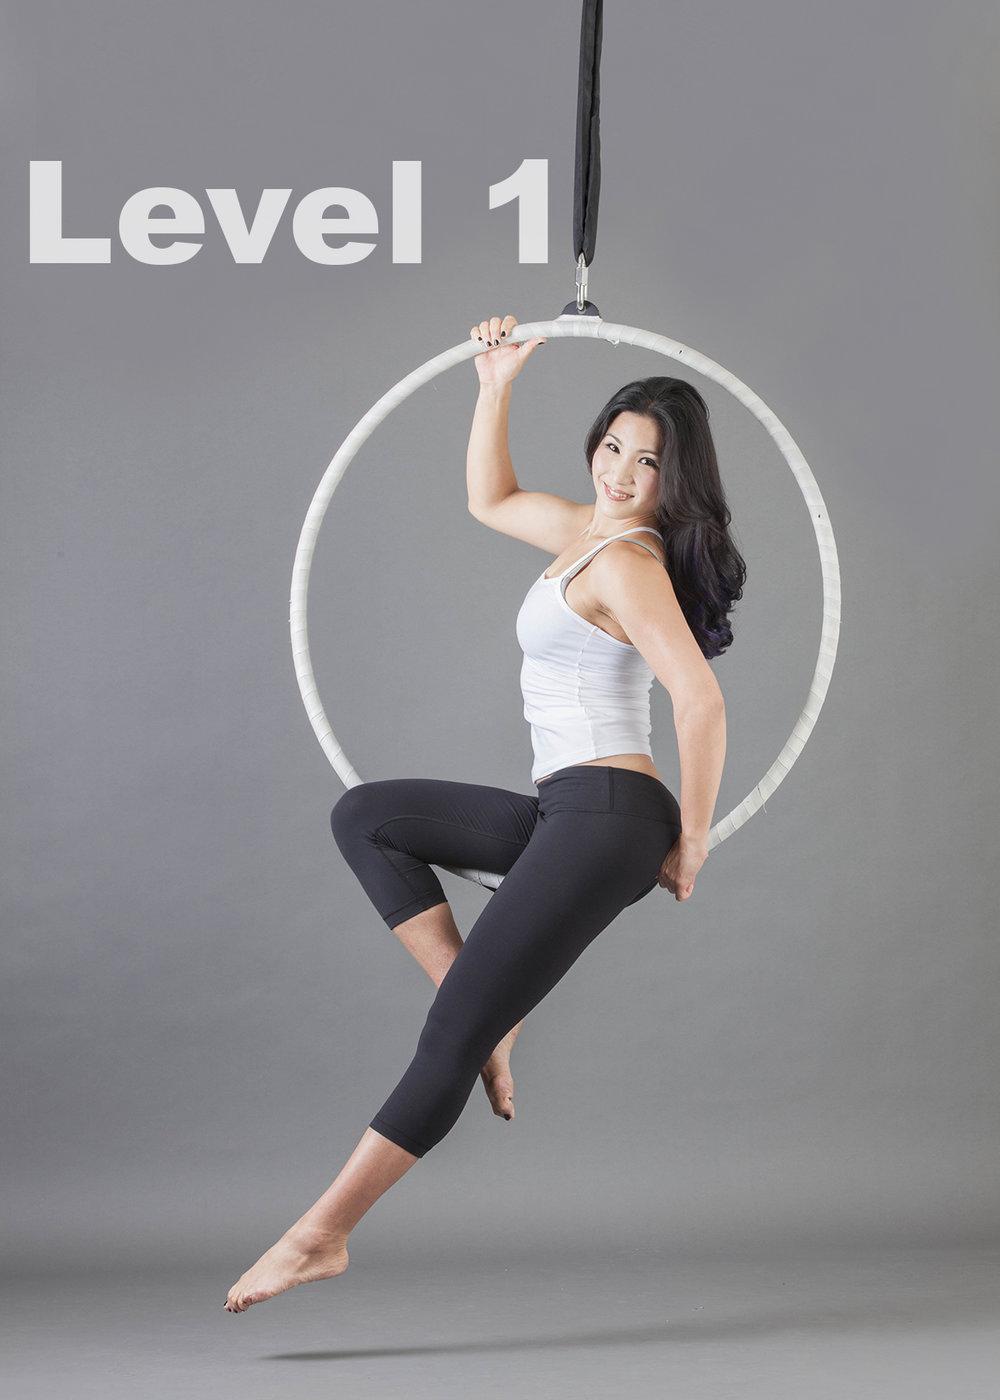 Hoop Level 1.jpg